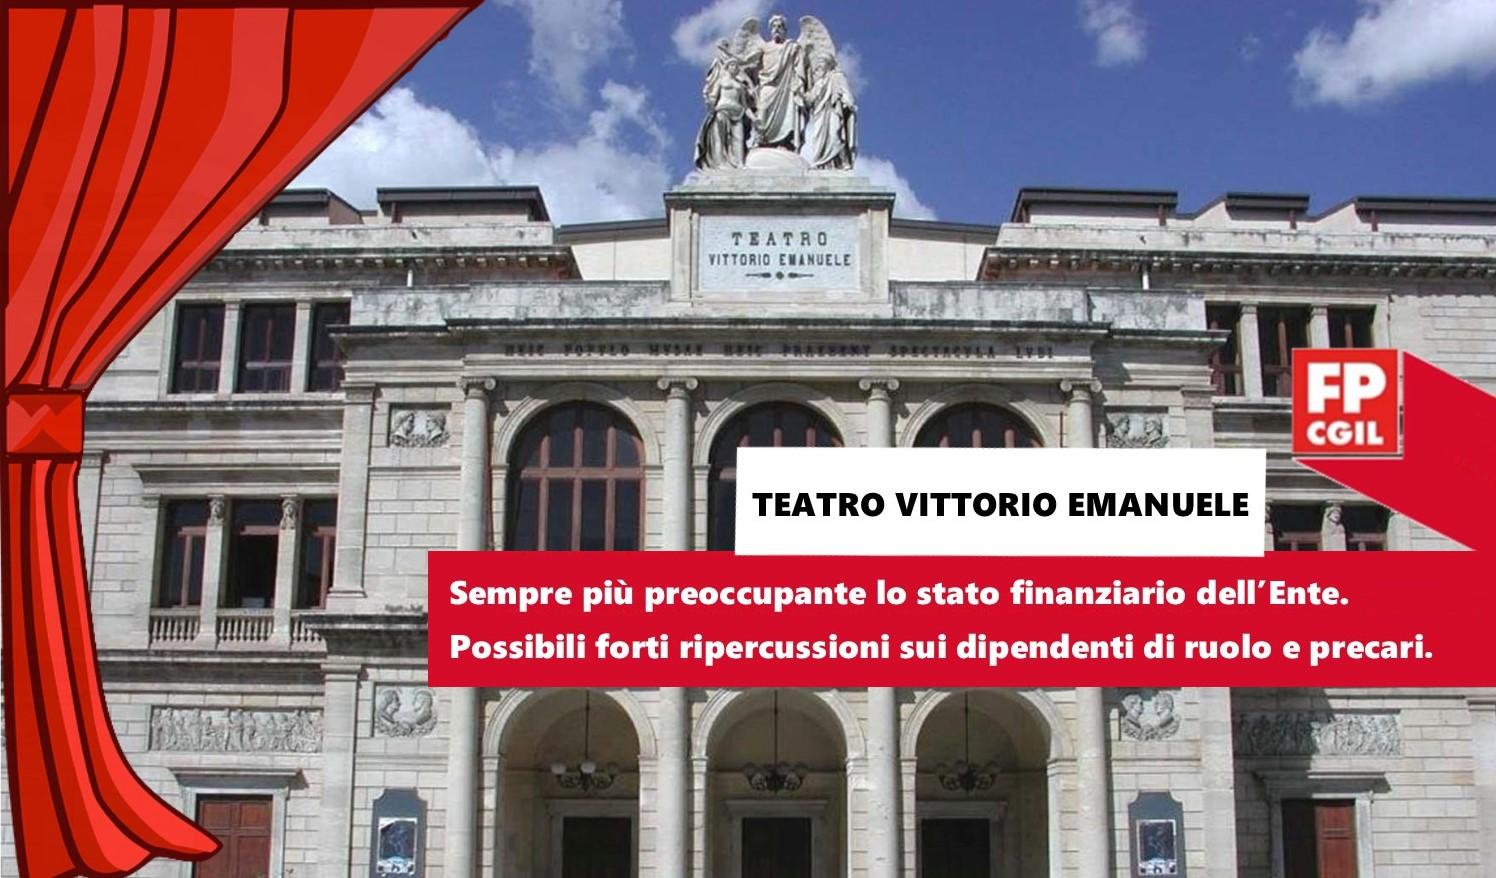 Teatro Vittorio Emanuele, sempre più preoccupante lo stato finanziario dell'Ente. Possibili forti ripercussioni sui dipendenti di ruolo e precari.